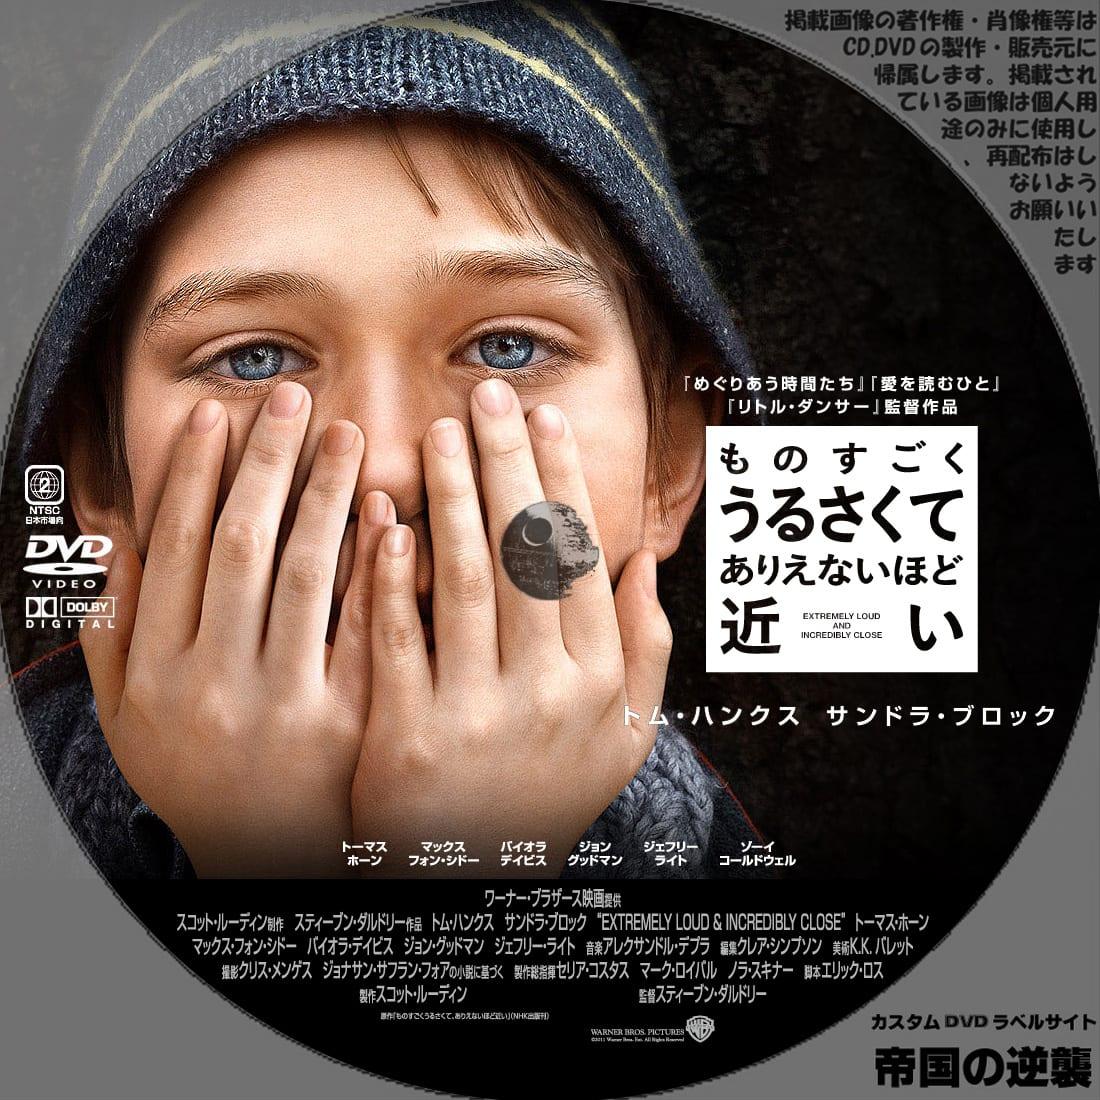 あり得ない! DVD-BOX II ポニーキャニオン 比較: 村木日暮里繊のブログ